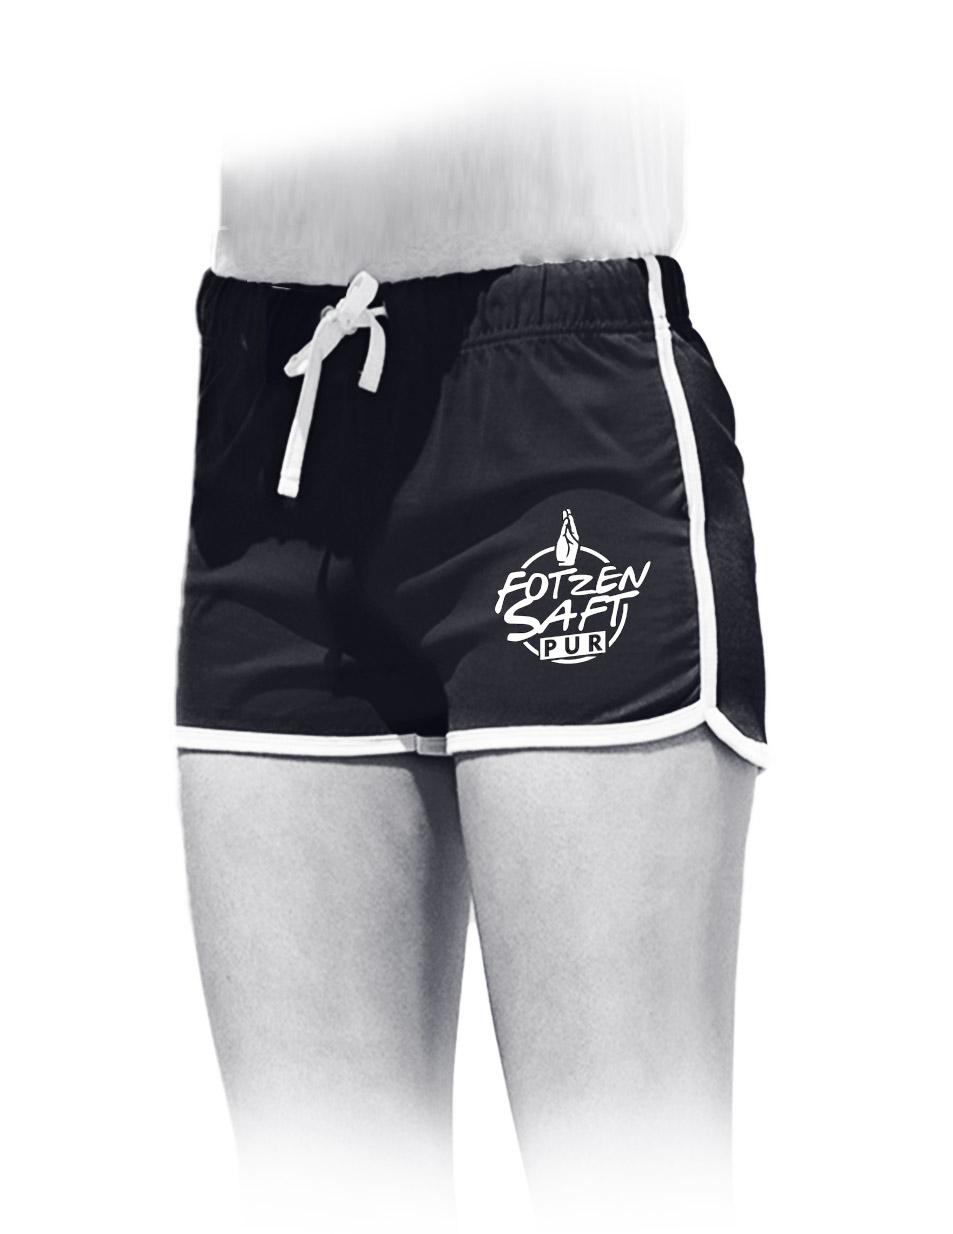 Fotzensaft pur Womens Retro Shorts weiß auf schwarz